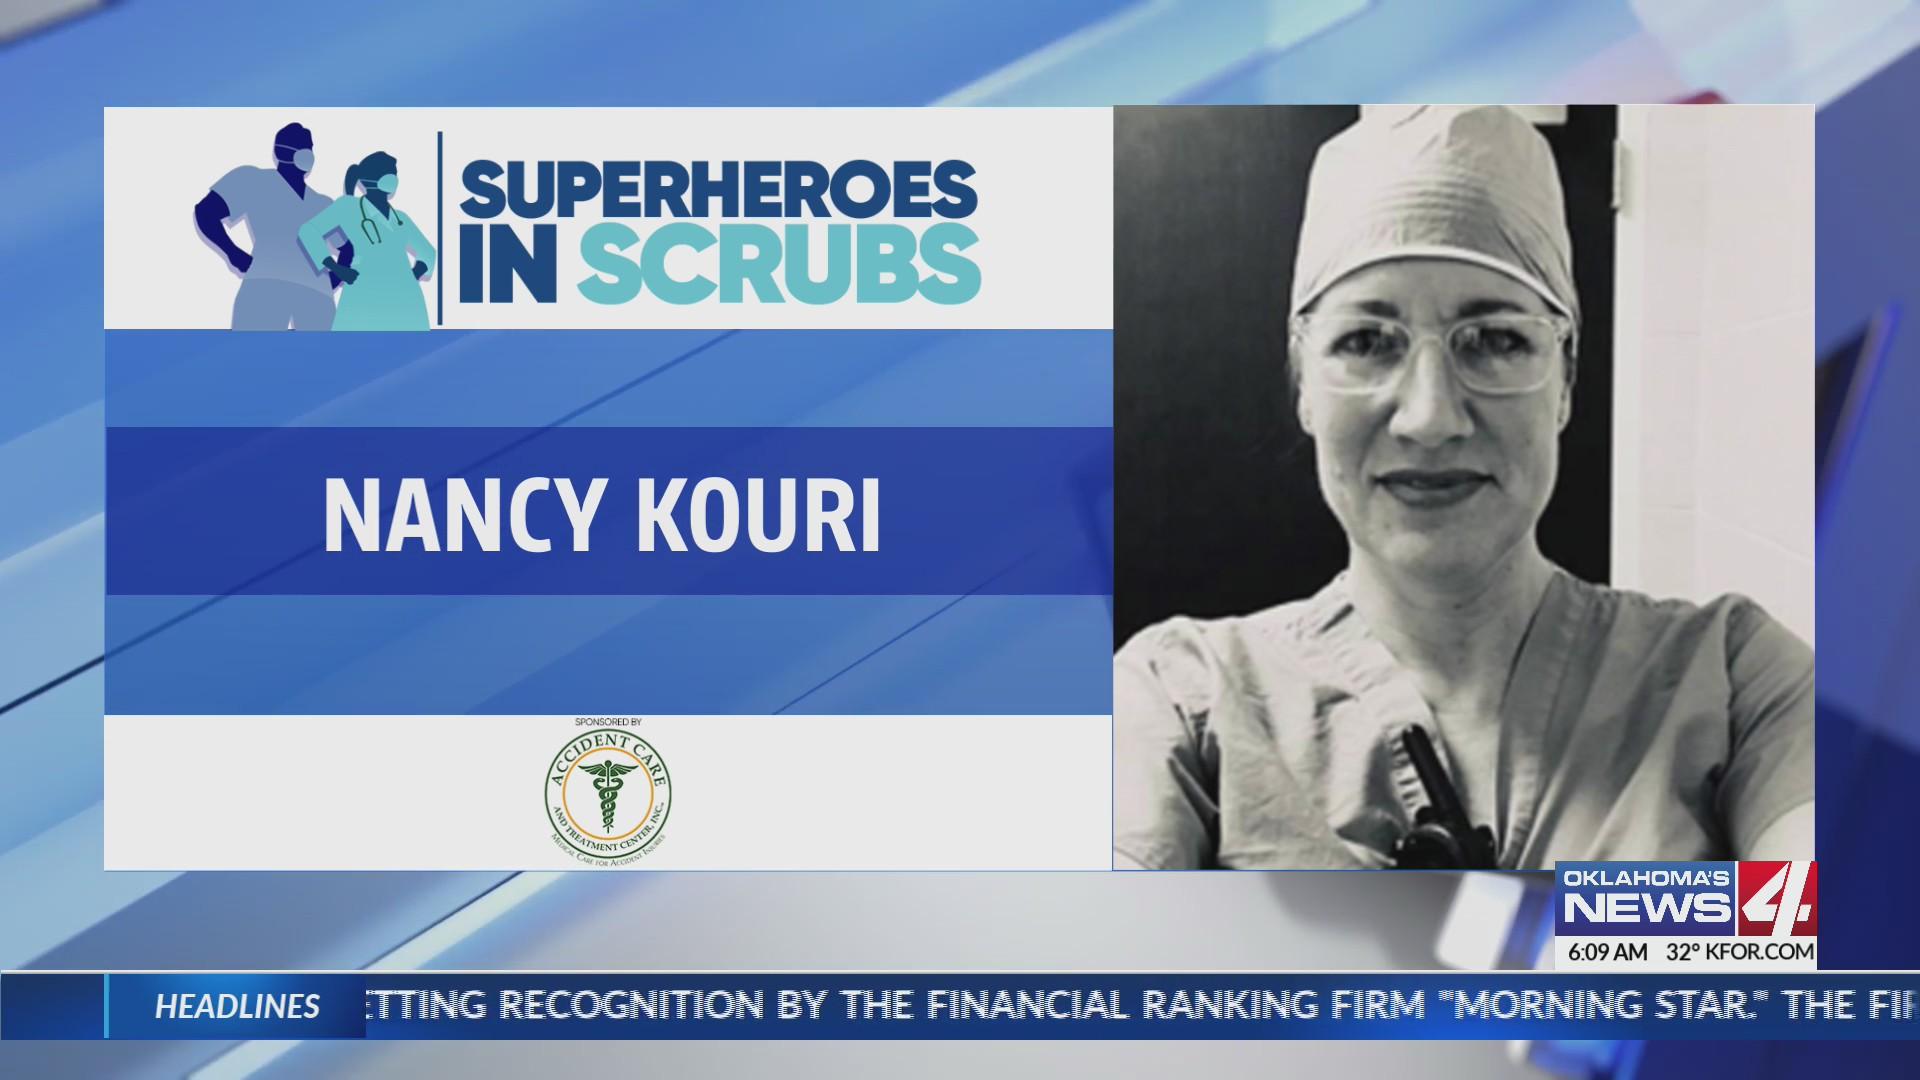 Nancy Kouri